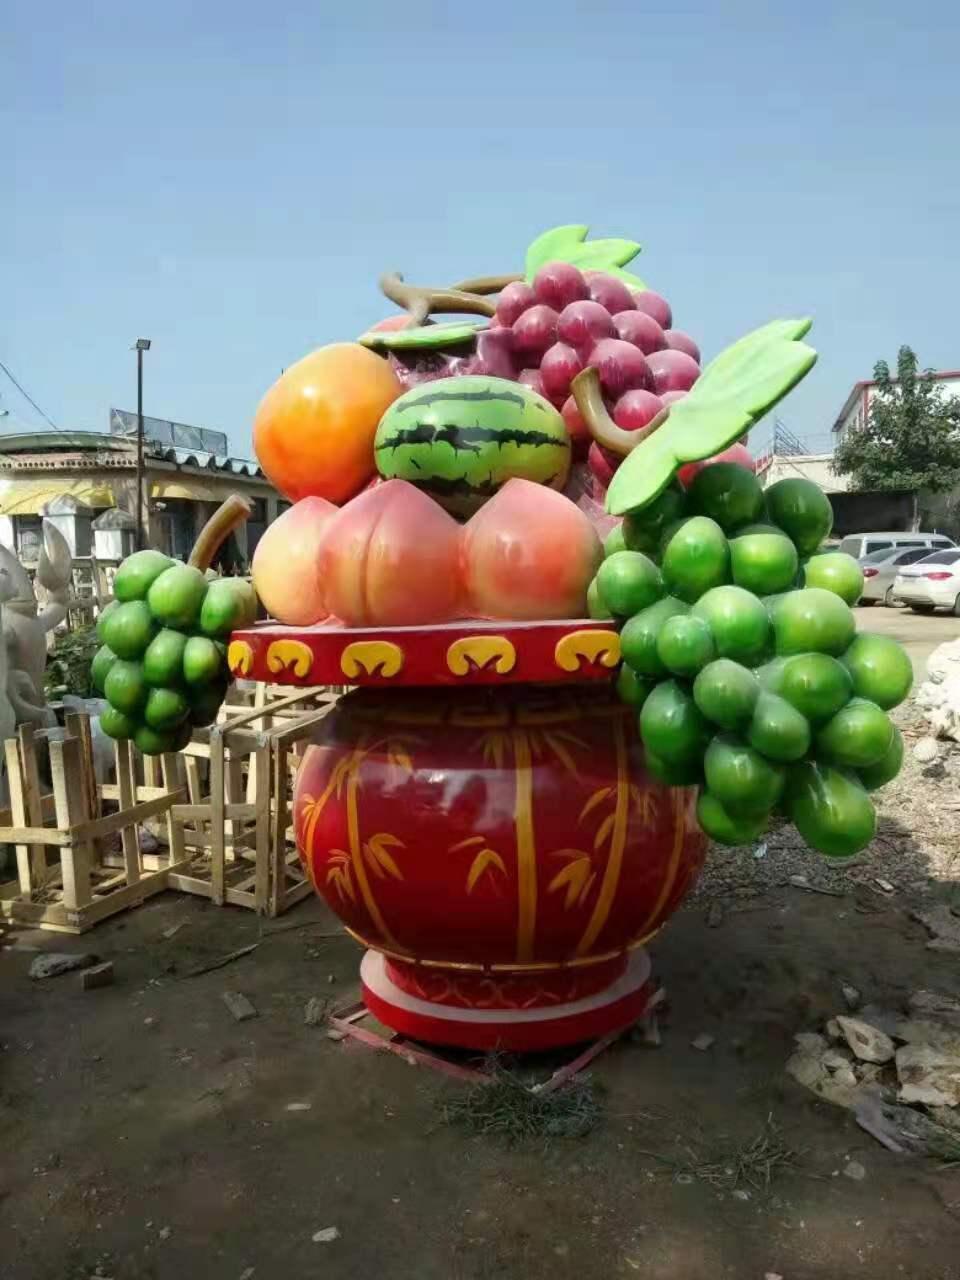 广场花篮雕塑厂家批发 瓜果蔬菜雕塑厂家批发 适用各种景观